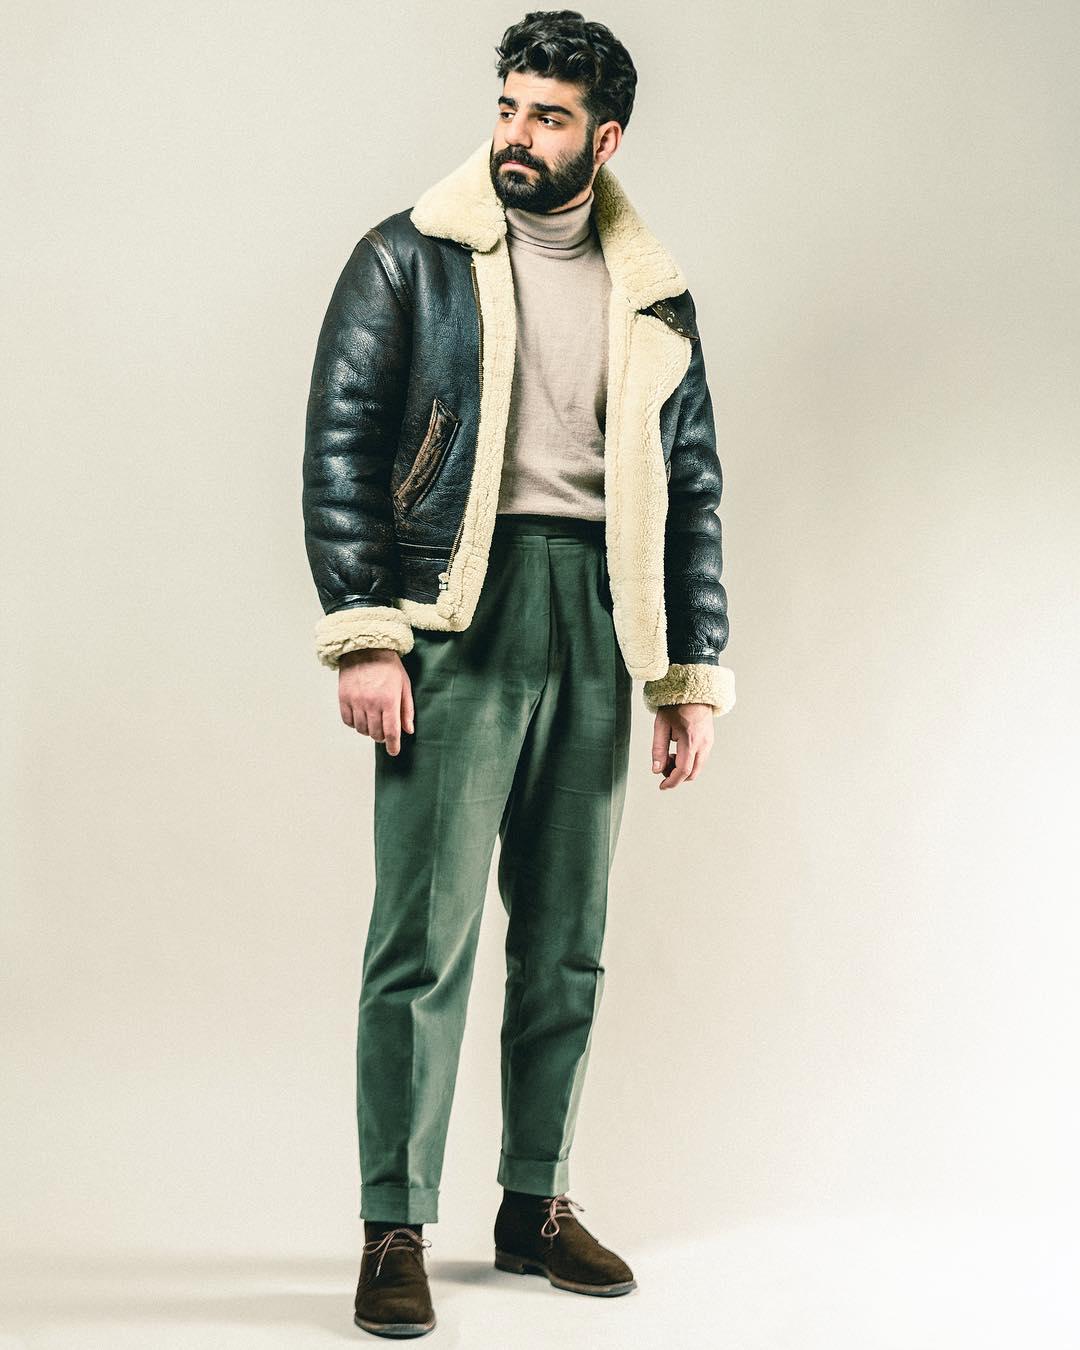 Toujours dans les cuirs lisses, la shearling est une veste en mouton retourné assez impressionnante. Source : Milad Abedi